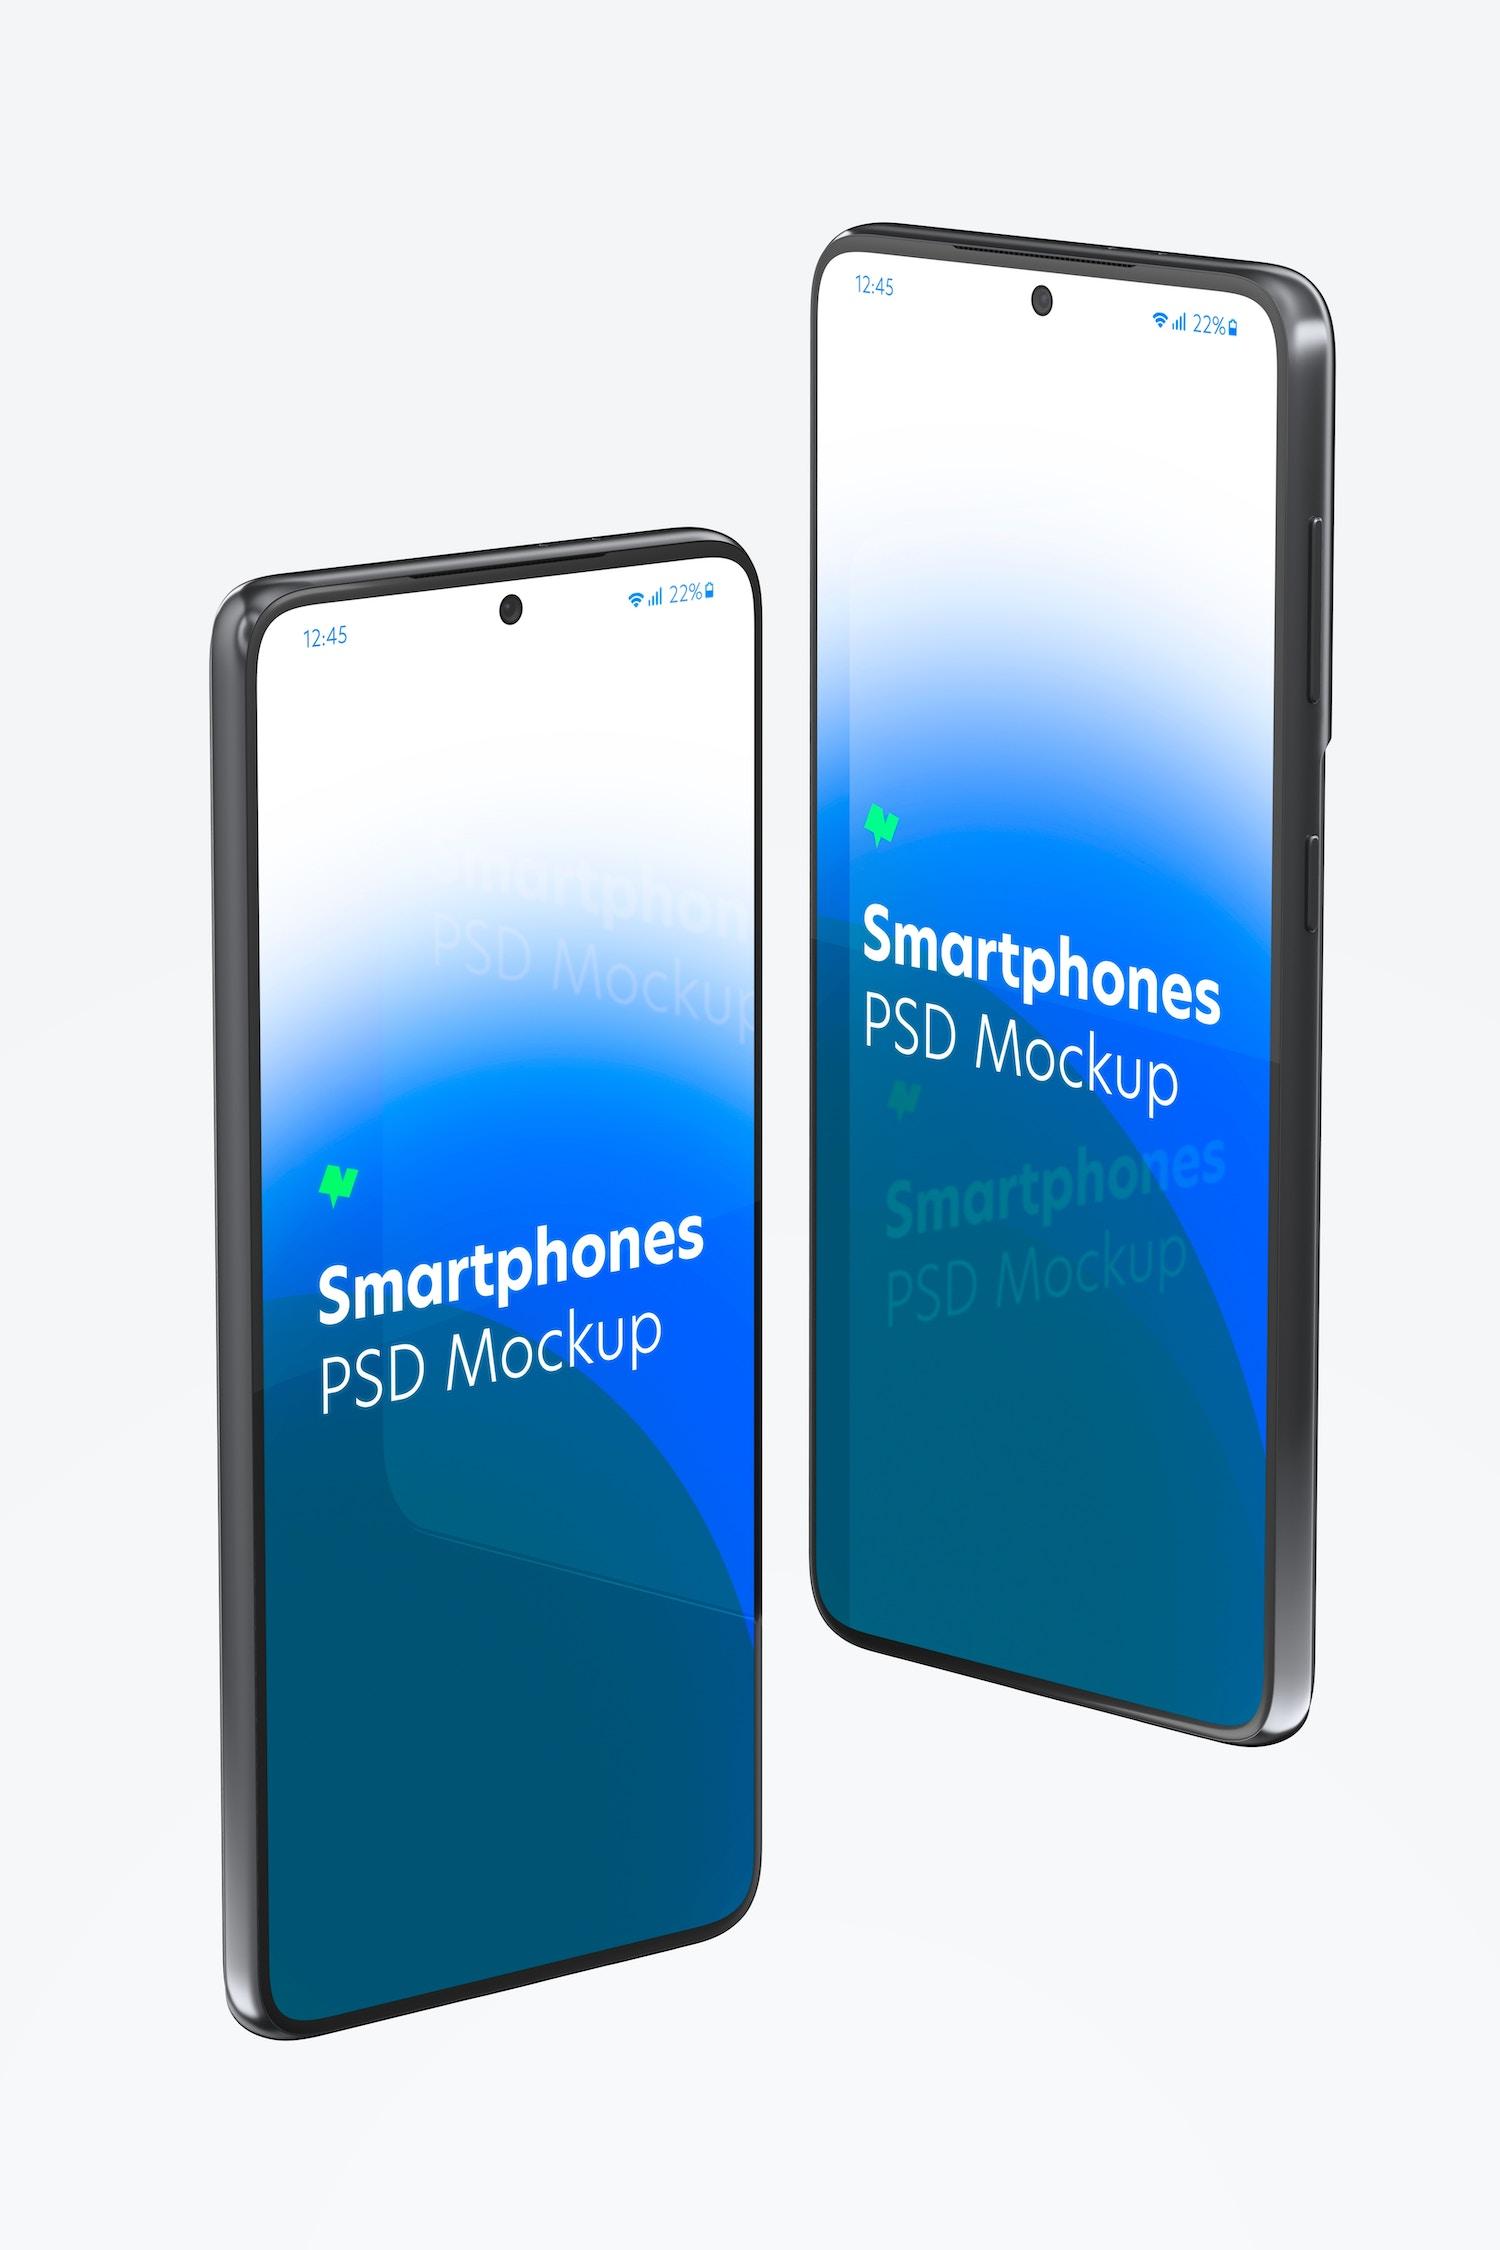 Maqueta de Samsung S21, Vista de Lado Izquierdo y Derecho